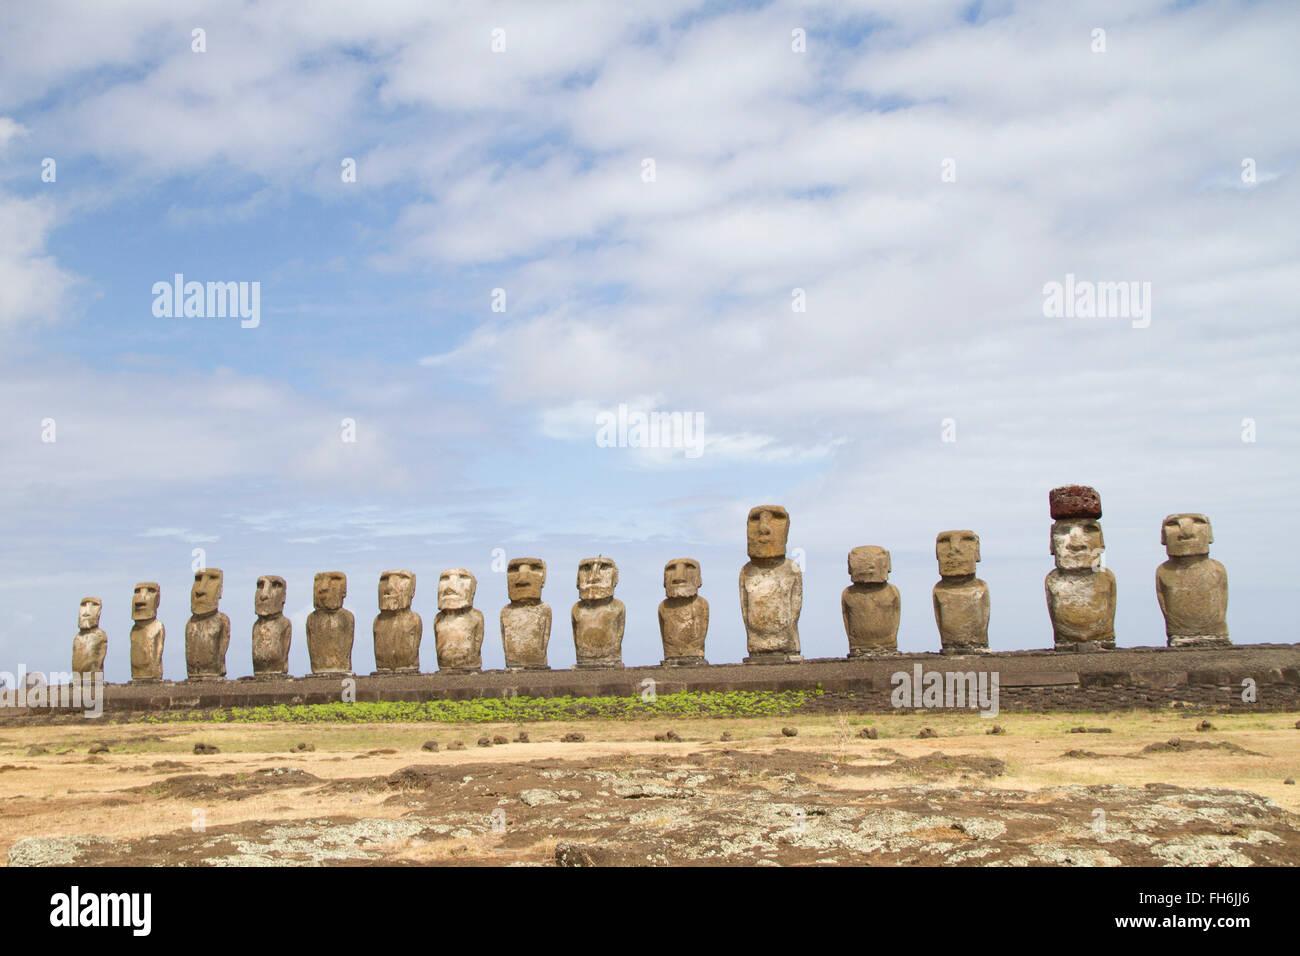 Quinze moai (statues) sur la plate-forme à l'ahu Tongariki l'île de Pâques, Chili Photo Stock